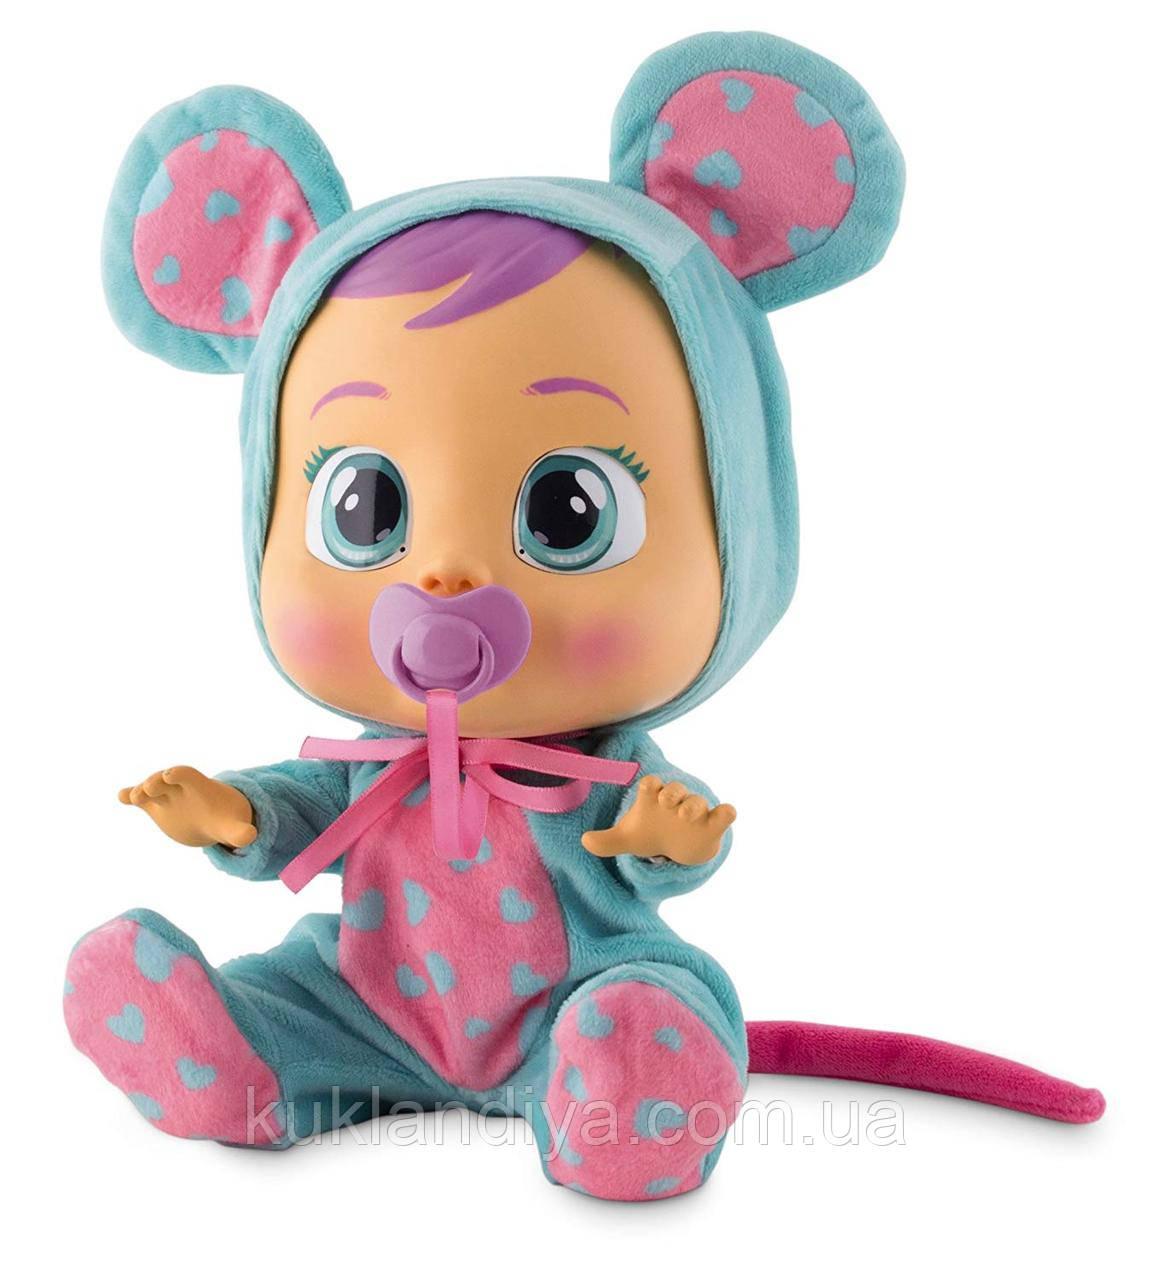 Кукла-плакса Лала IMC Toys